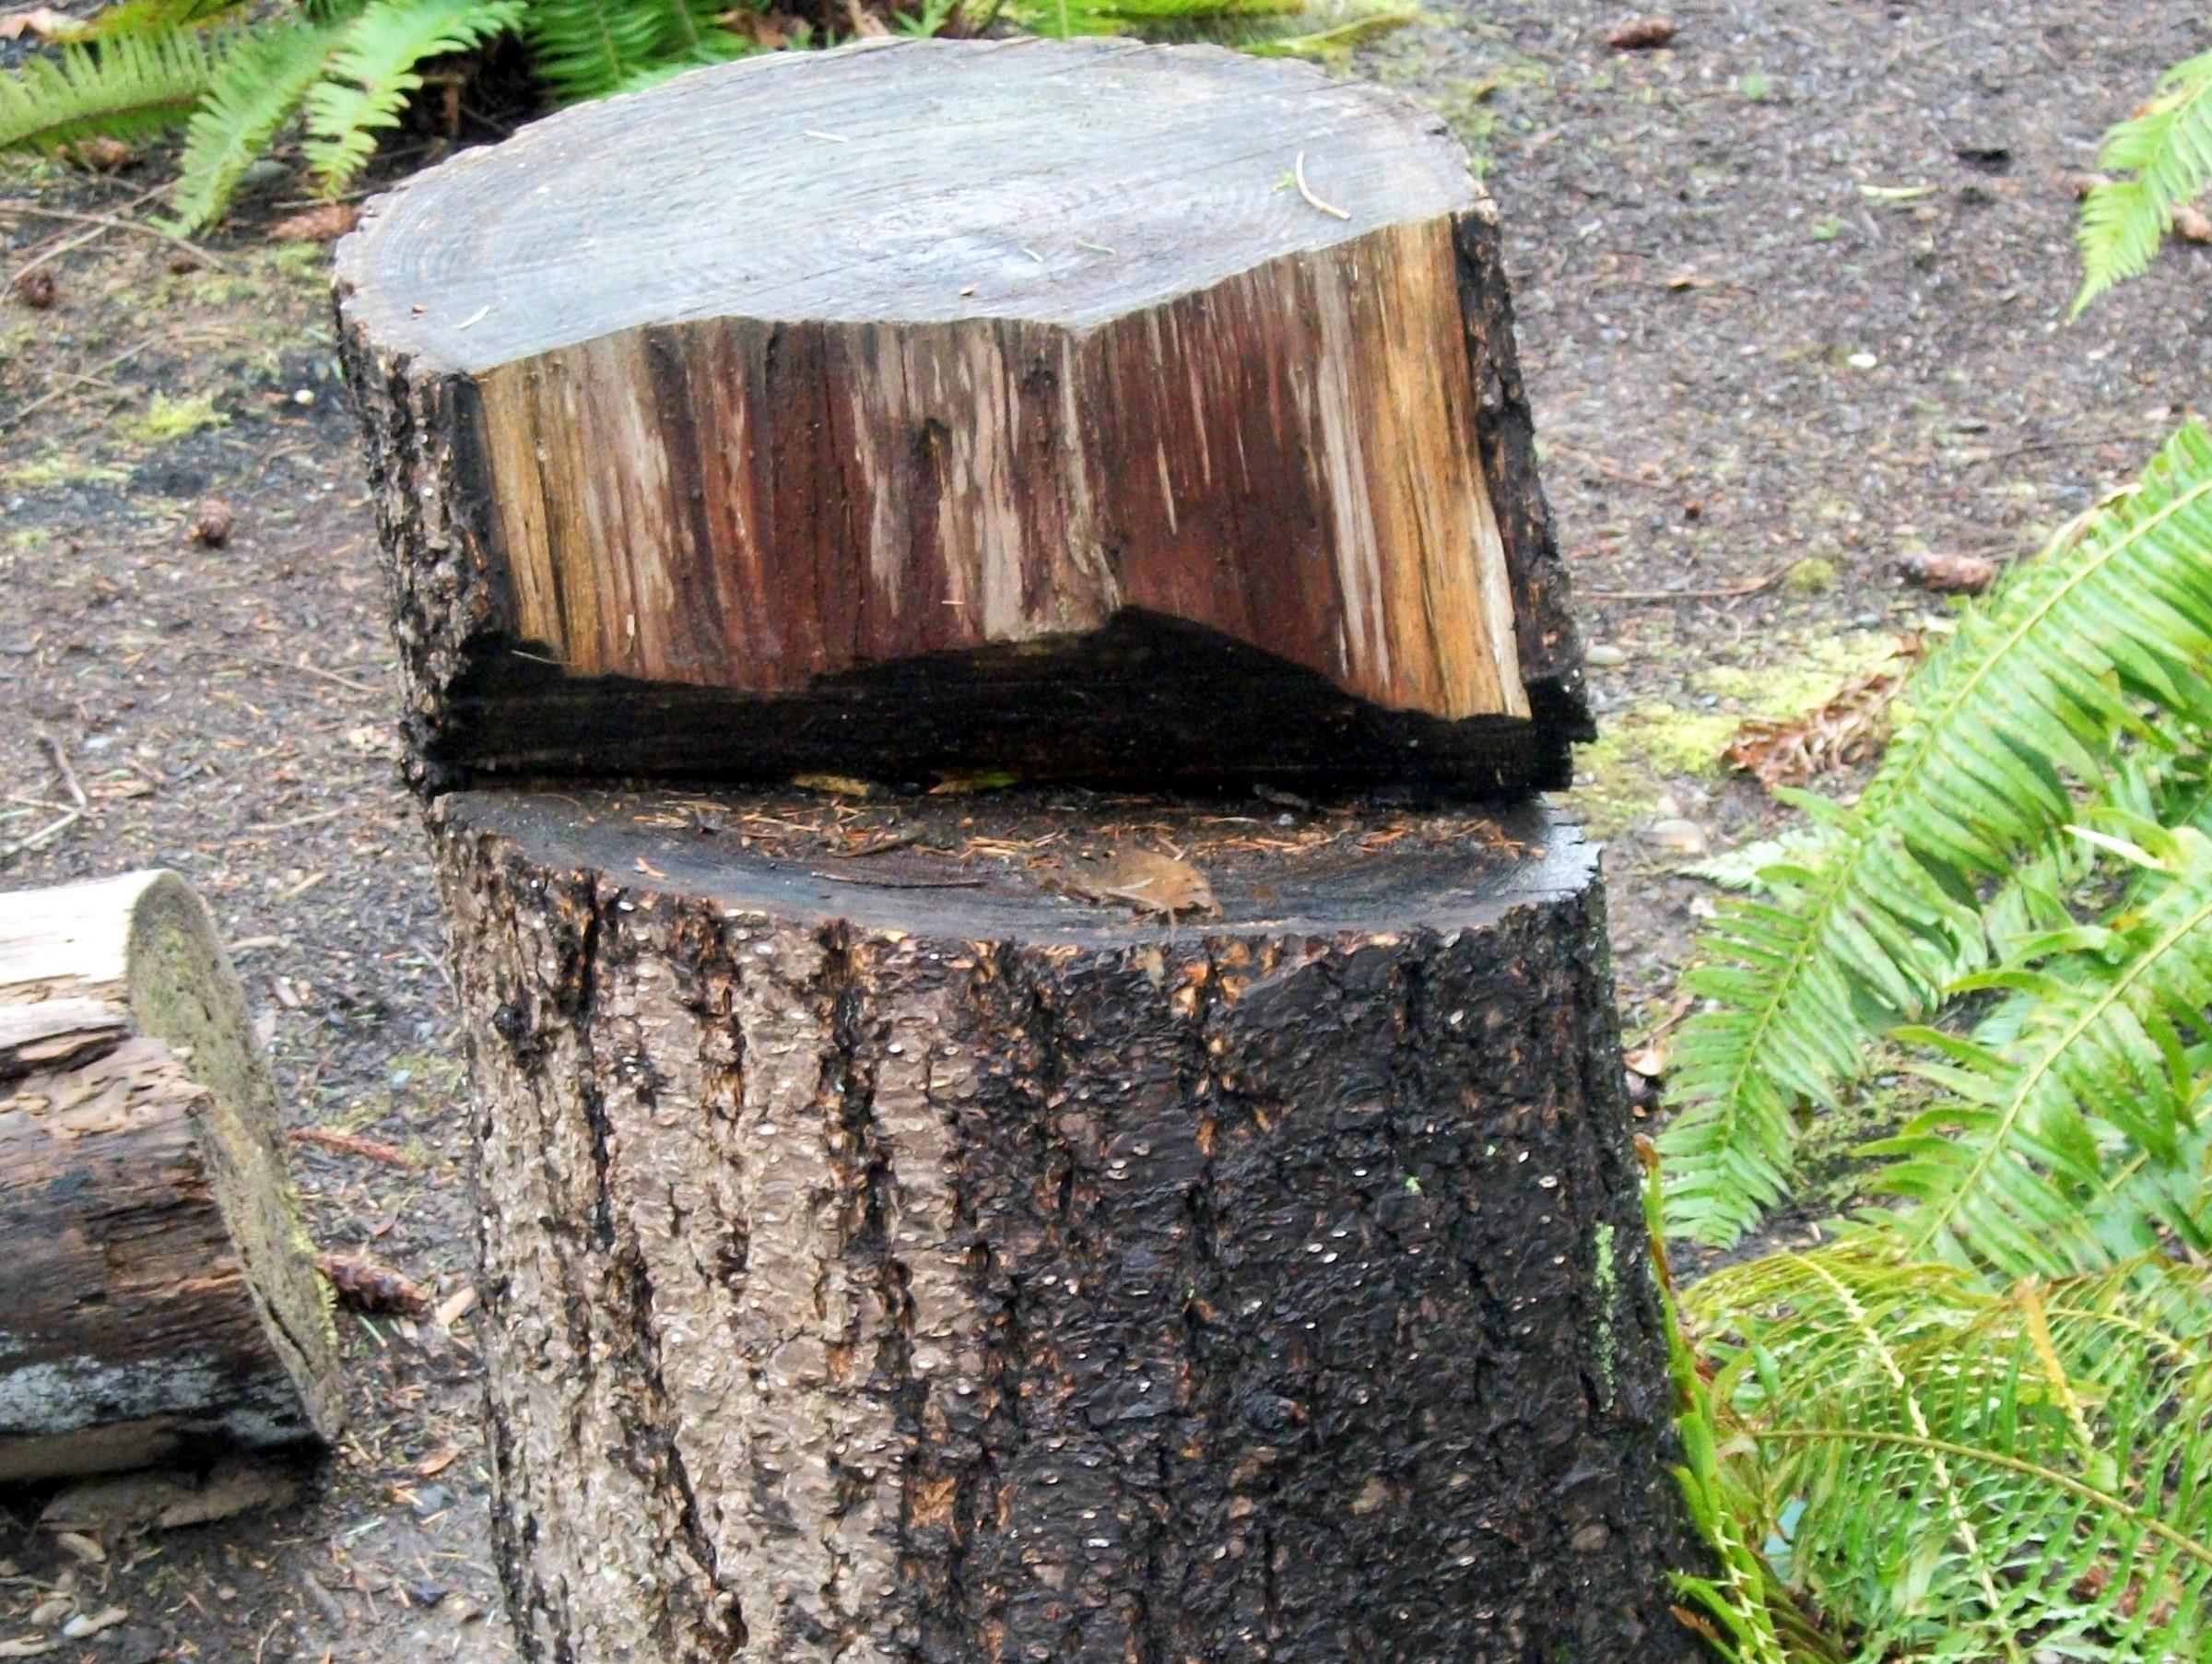 Cut Tree Stump, Cut, Stump, Tree, Wood, HQ Photo